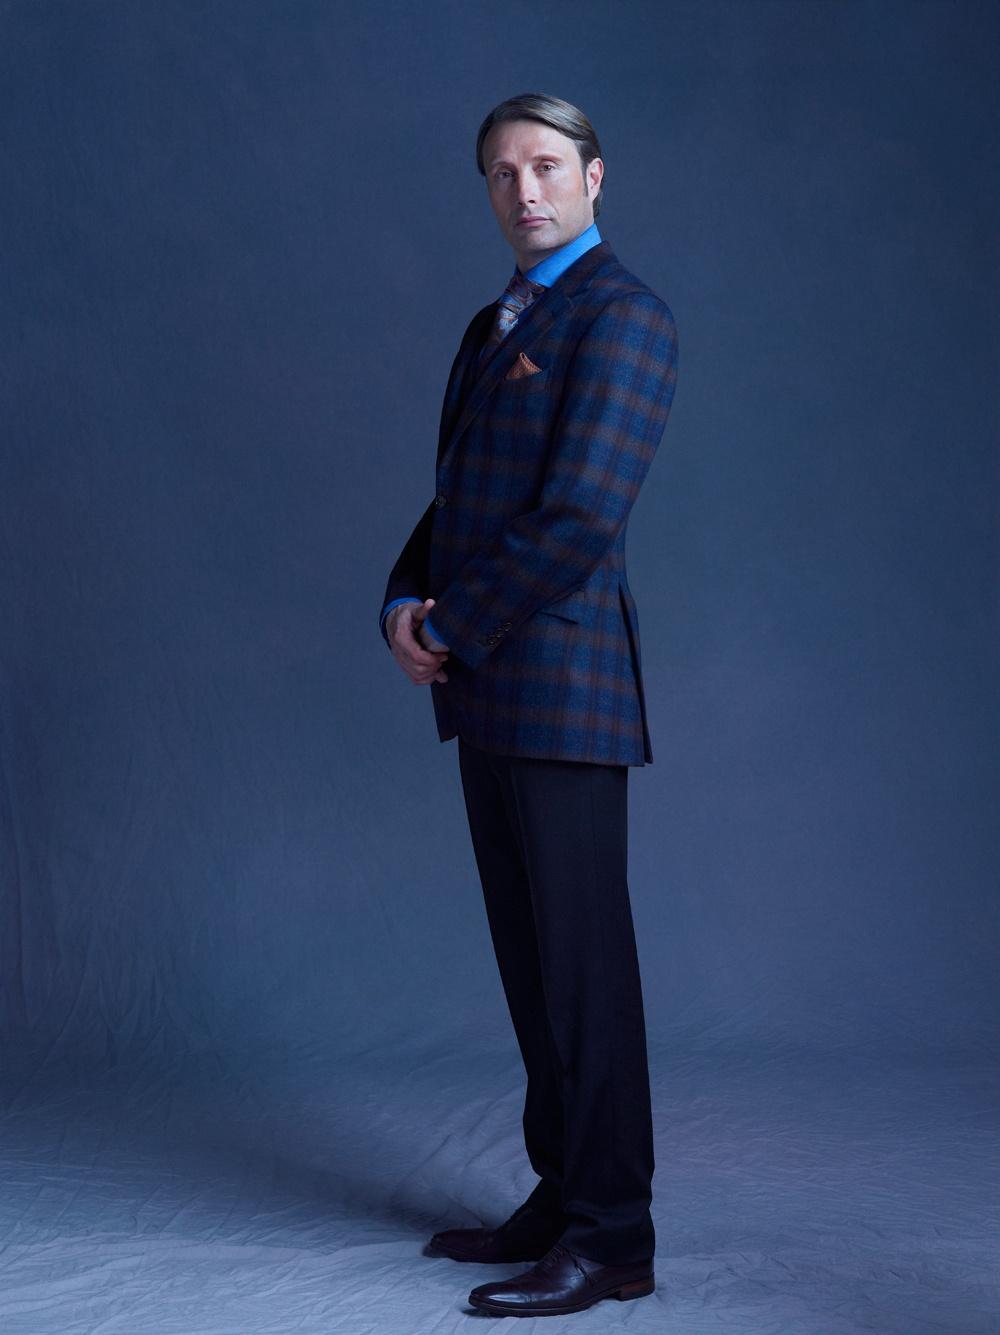 """ハンニバルを演じるのは、""""北欧の至宝""""と呼ばれるデンマーク人俳優のマッツ・ミケルセン"""